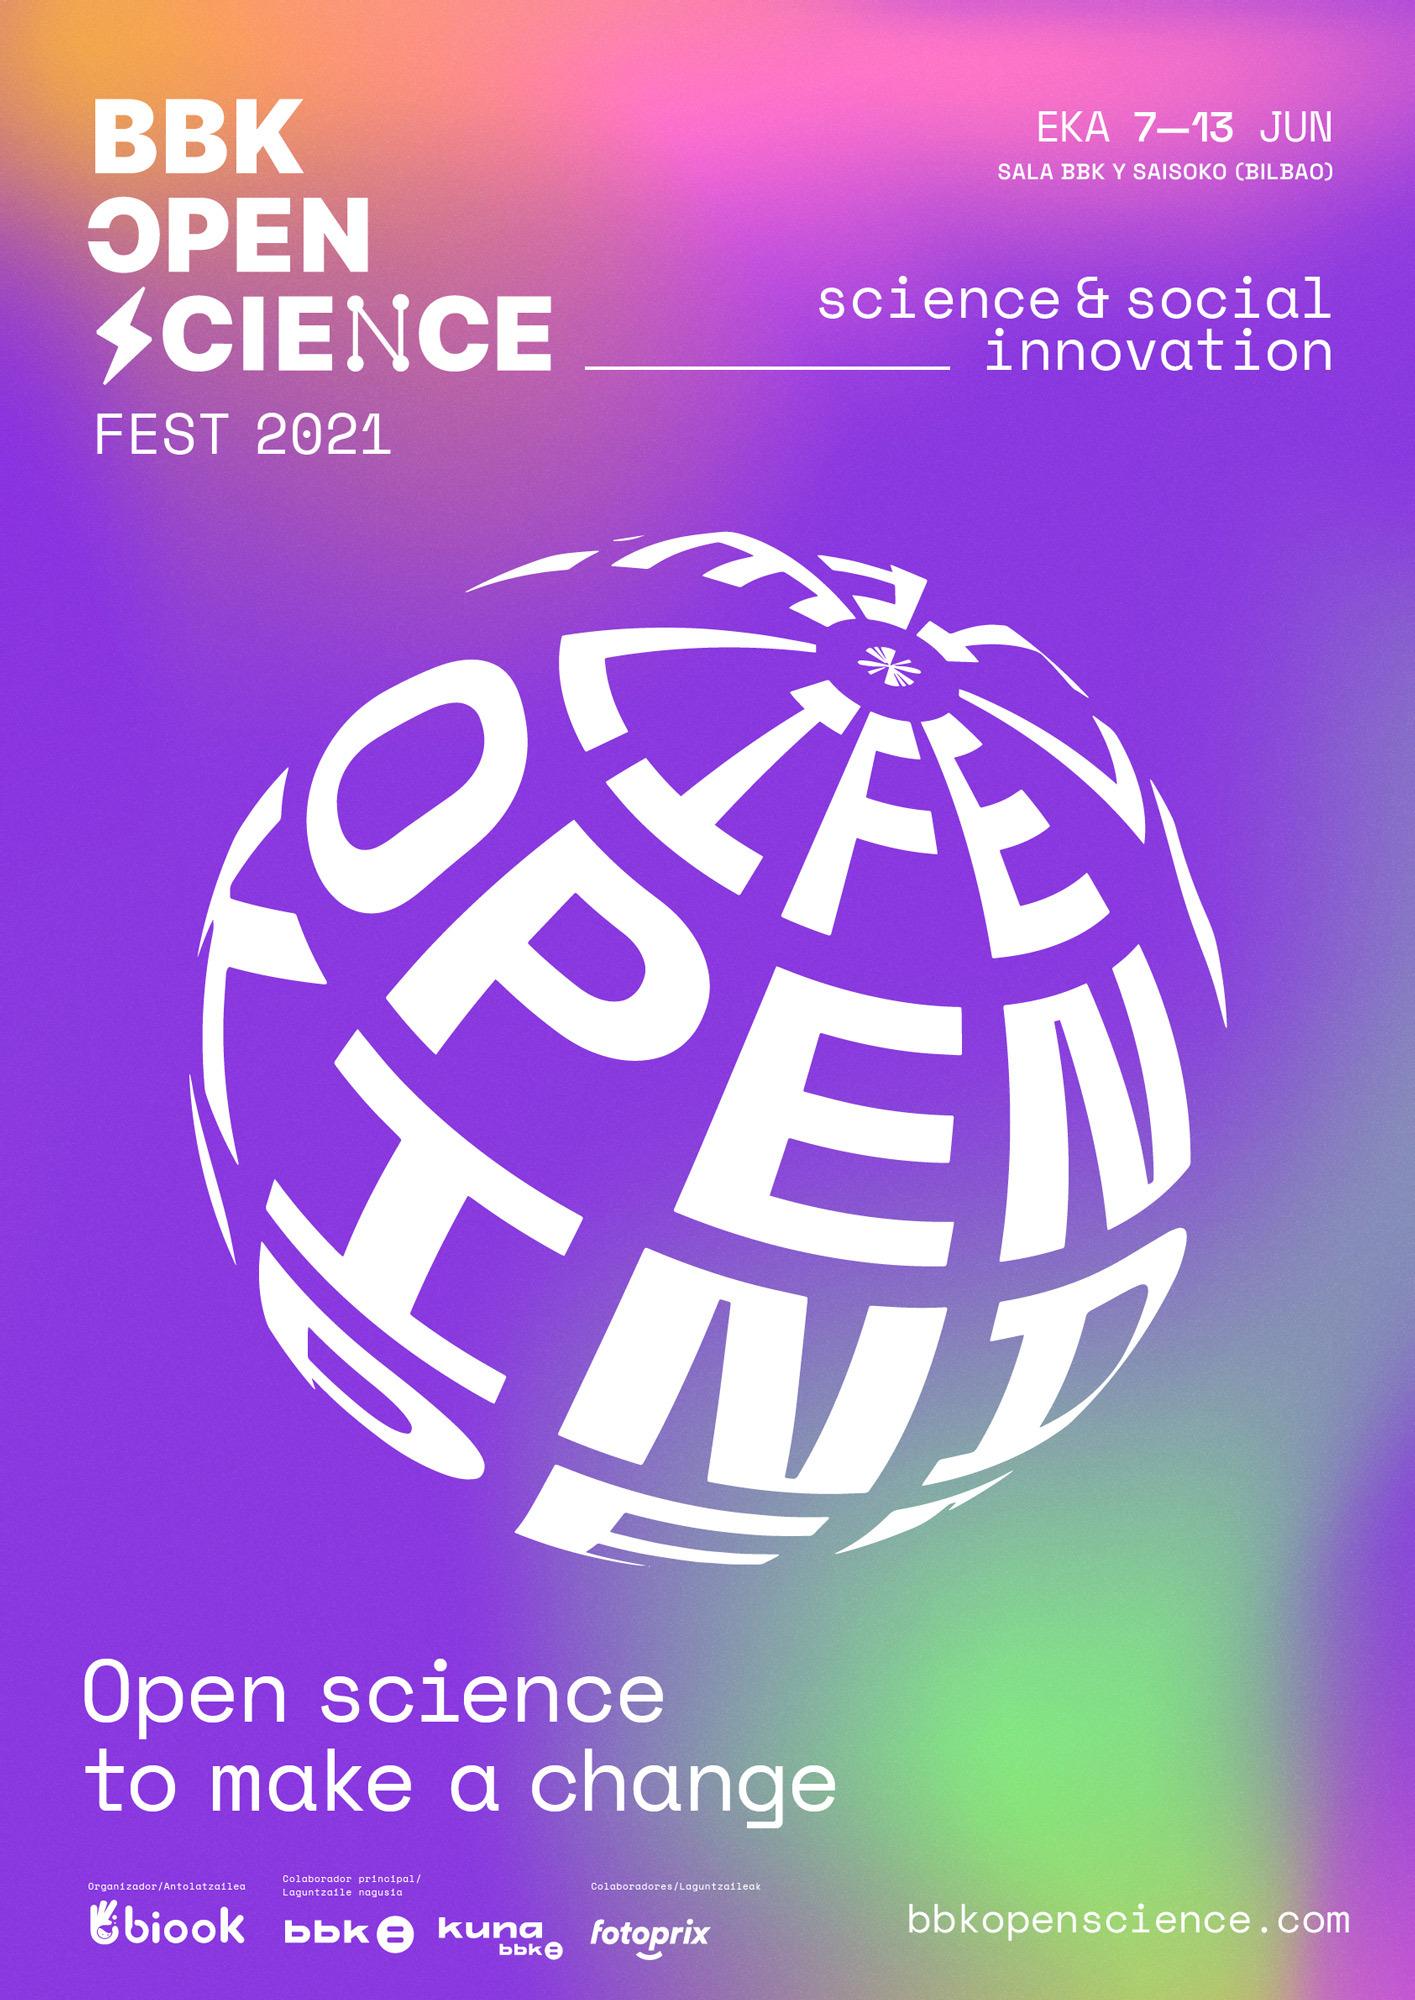 BBK Open Science 2021